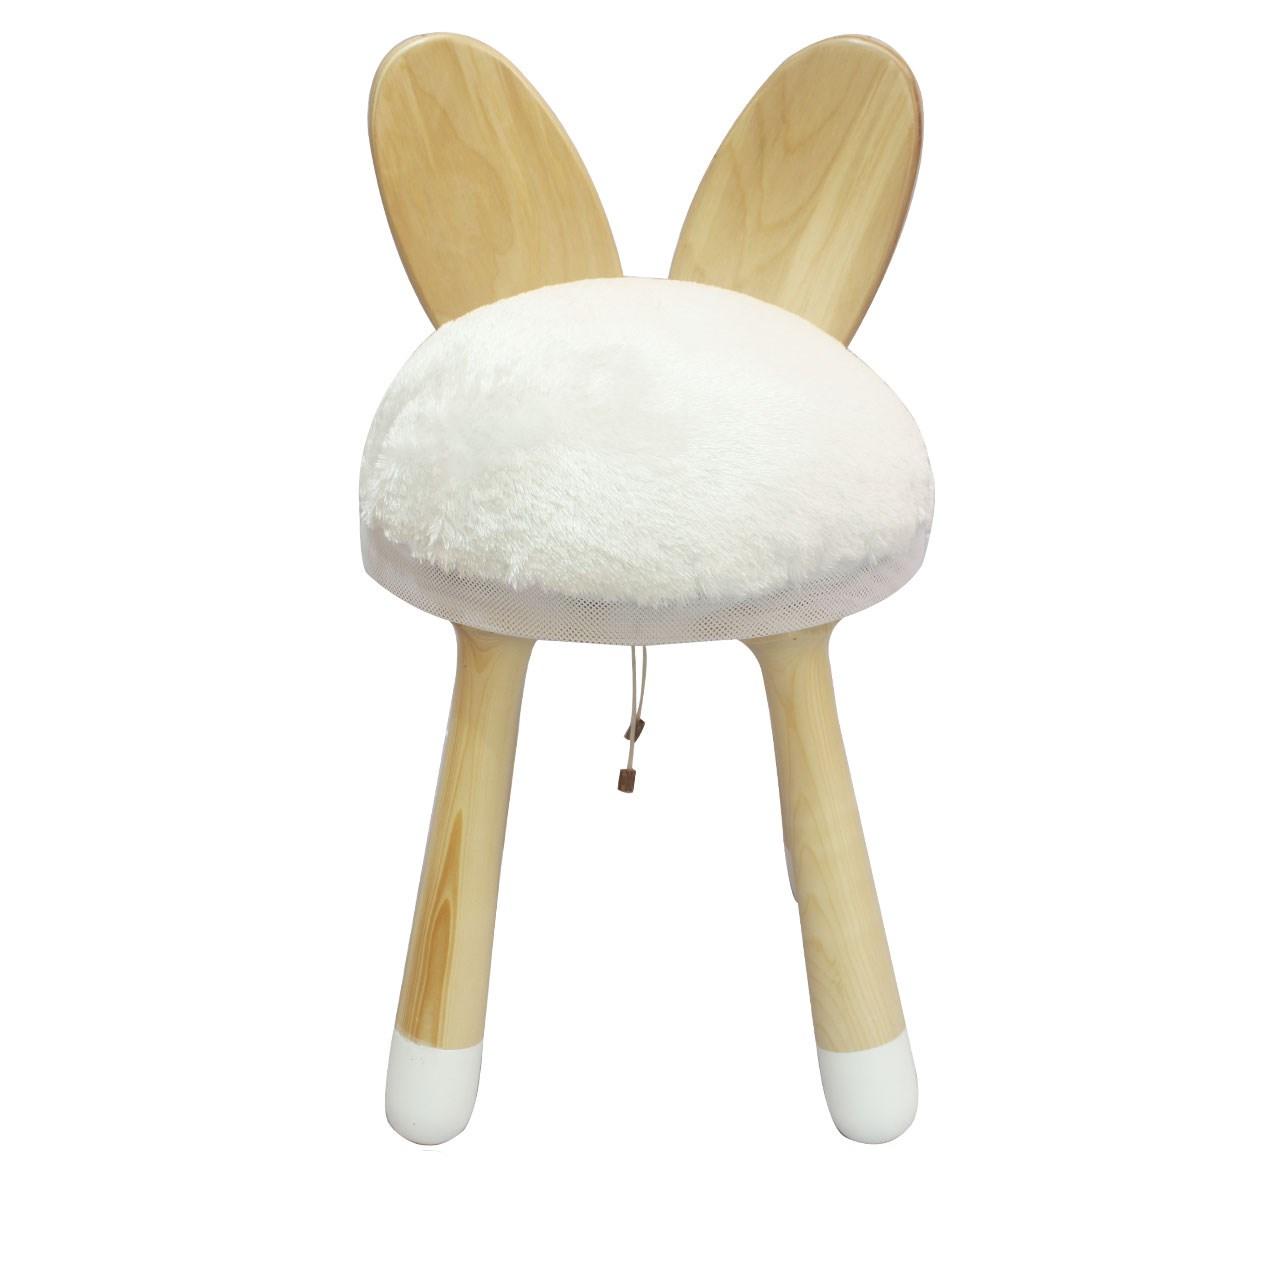 صندلی کودک ترای انگل تویز مدل خرگوش سفید